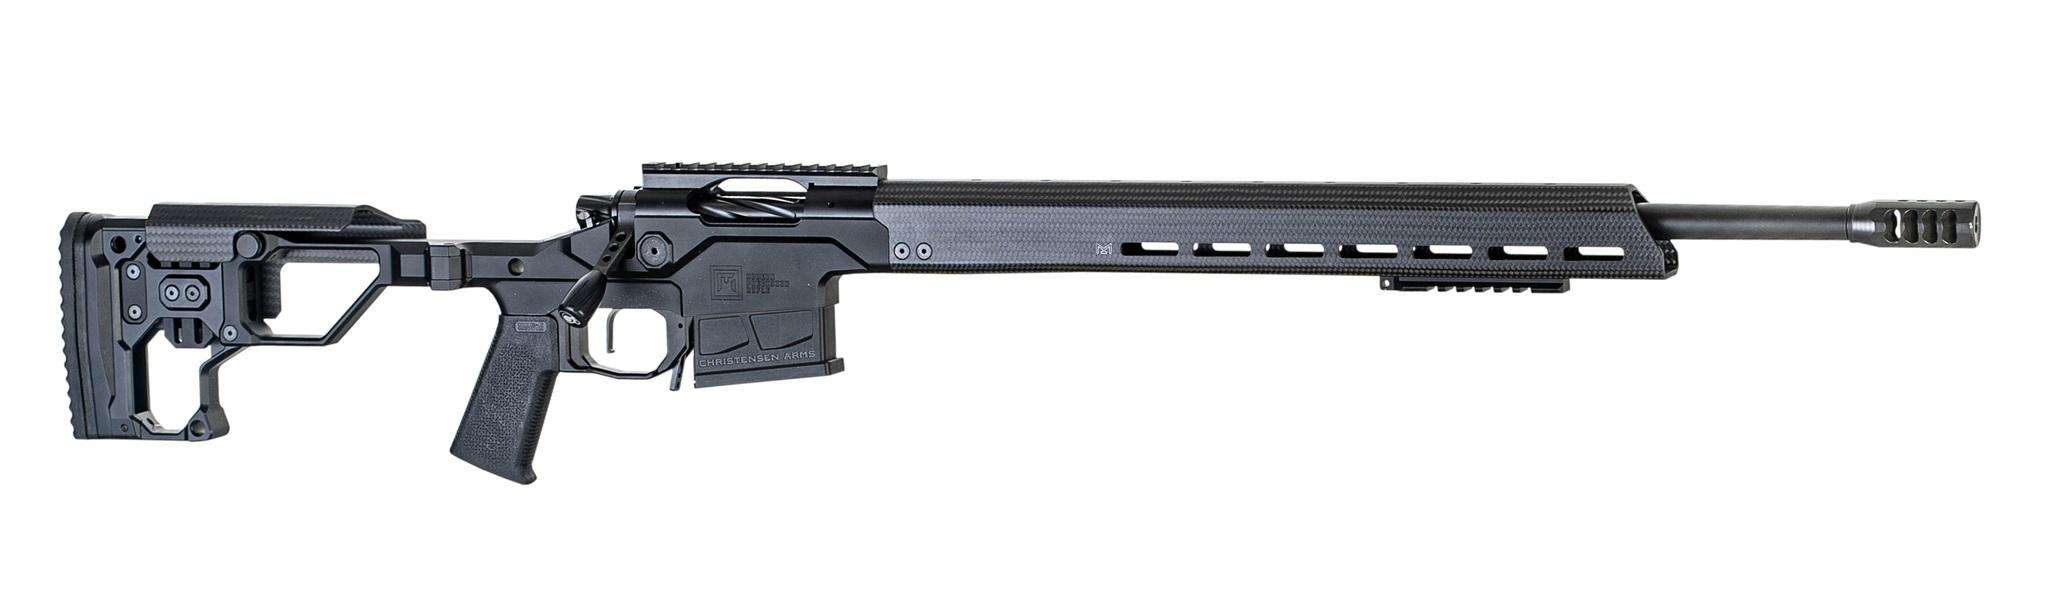 MPR STEEL 223REM BLACK 20 - 801-03021-01